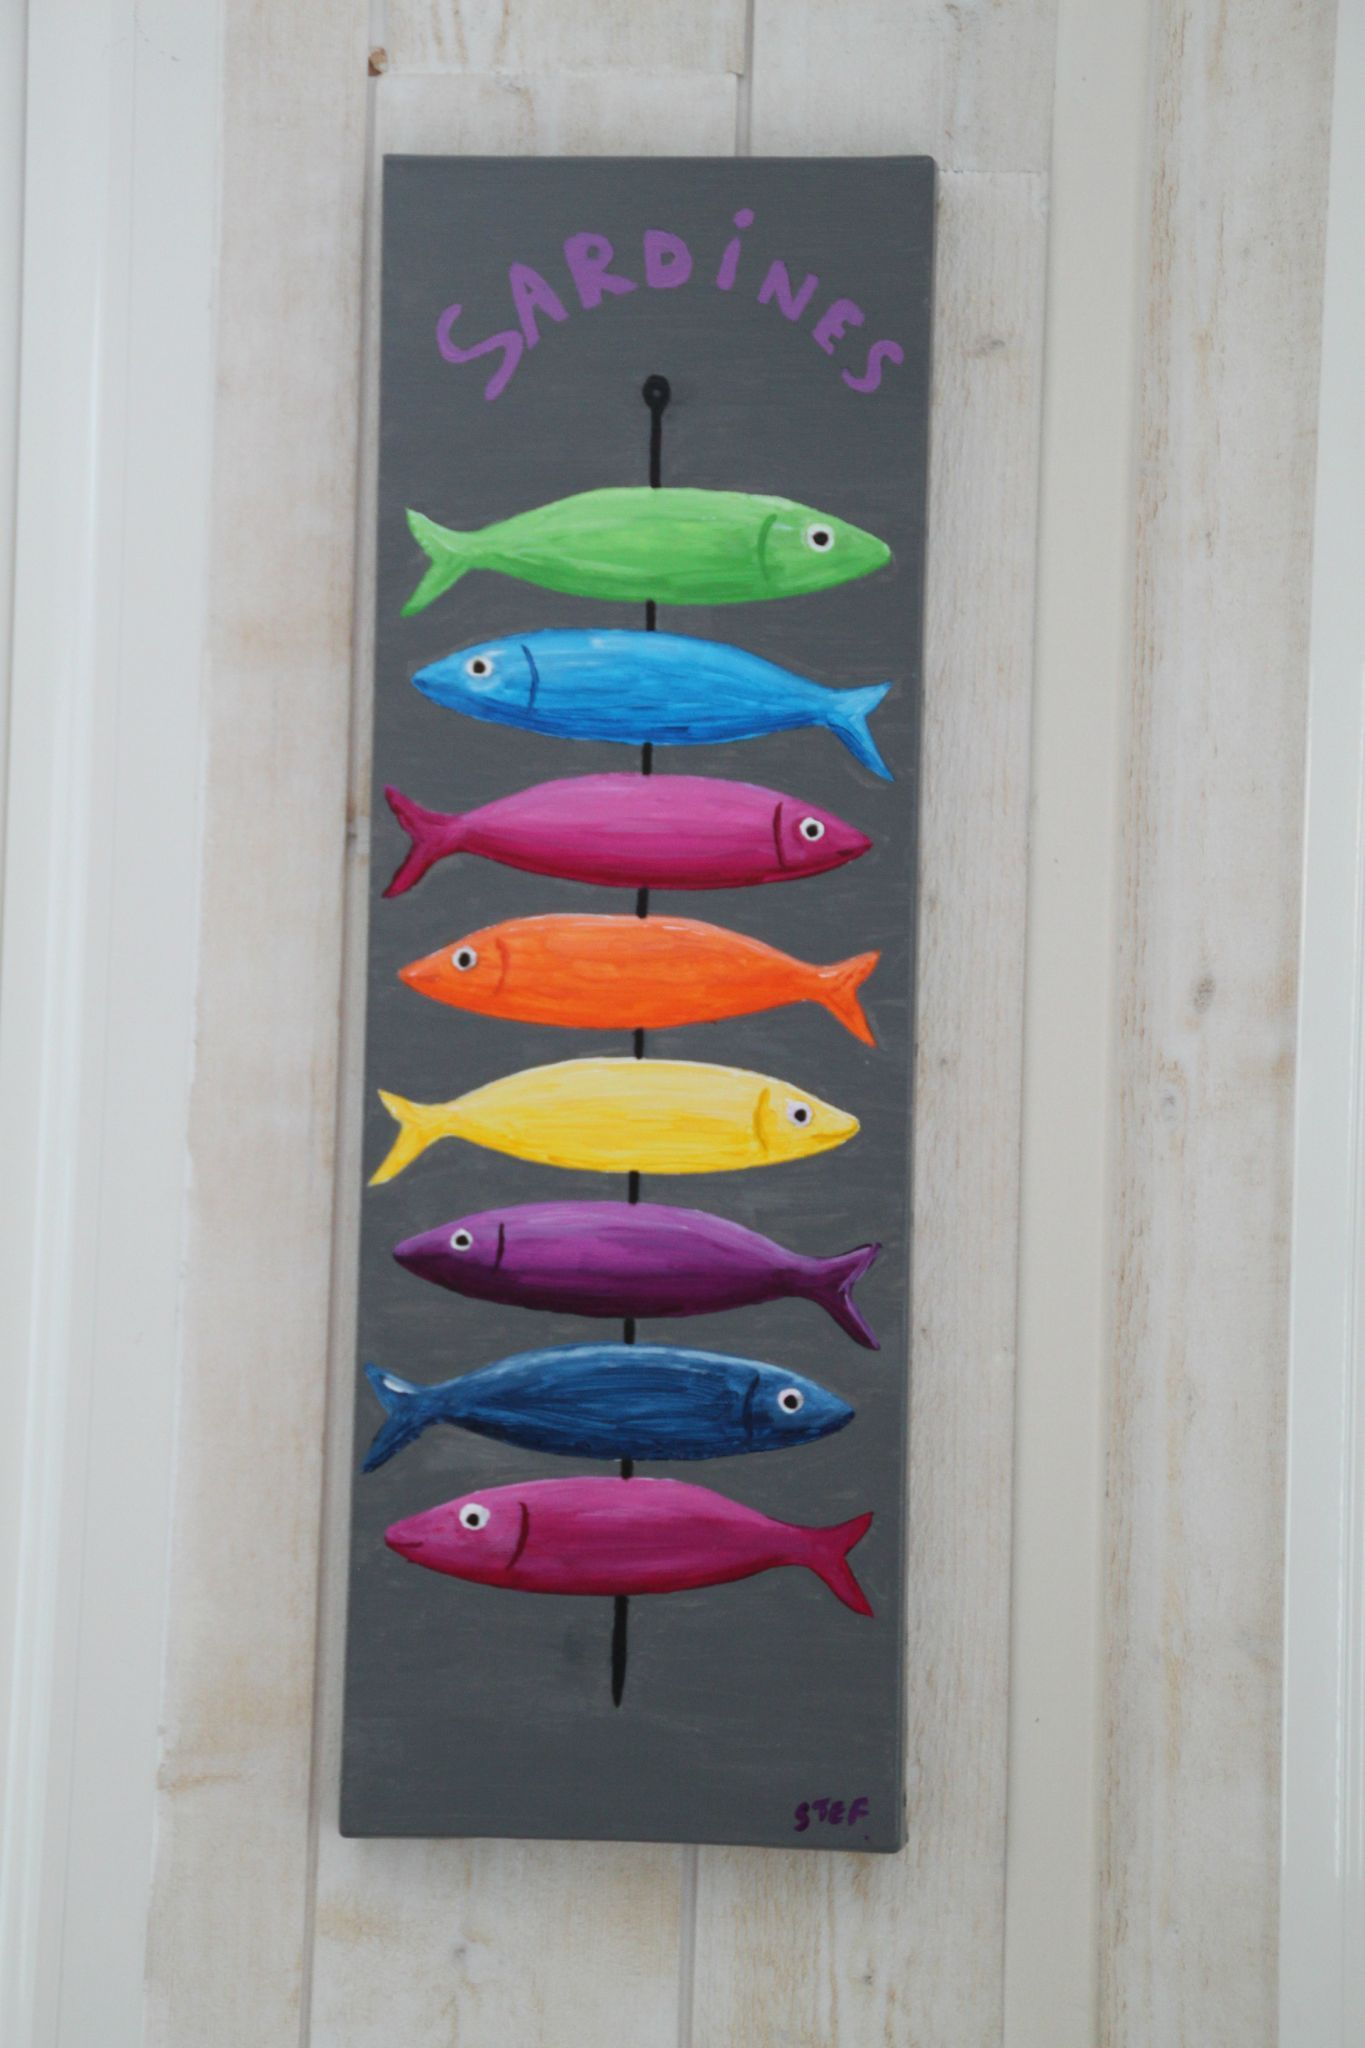 Comment Encadrer Une Toile les petits poissons de steph! comment faire un cadre sur